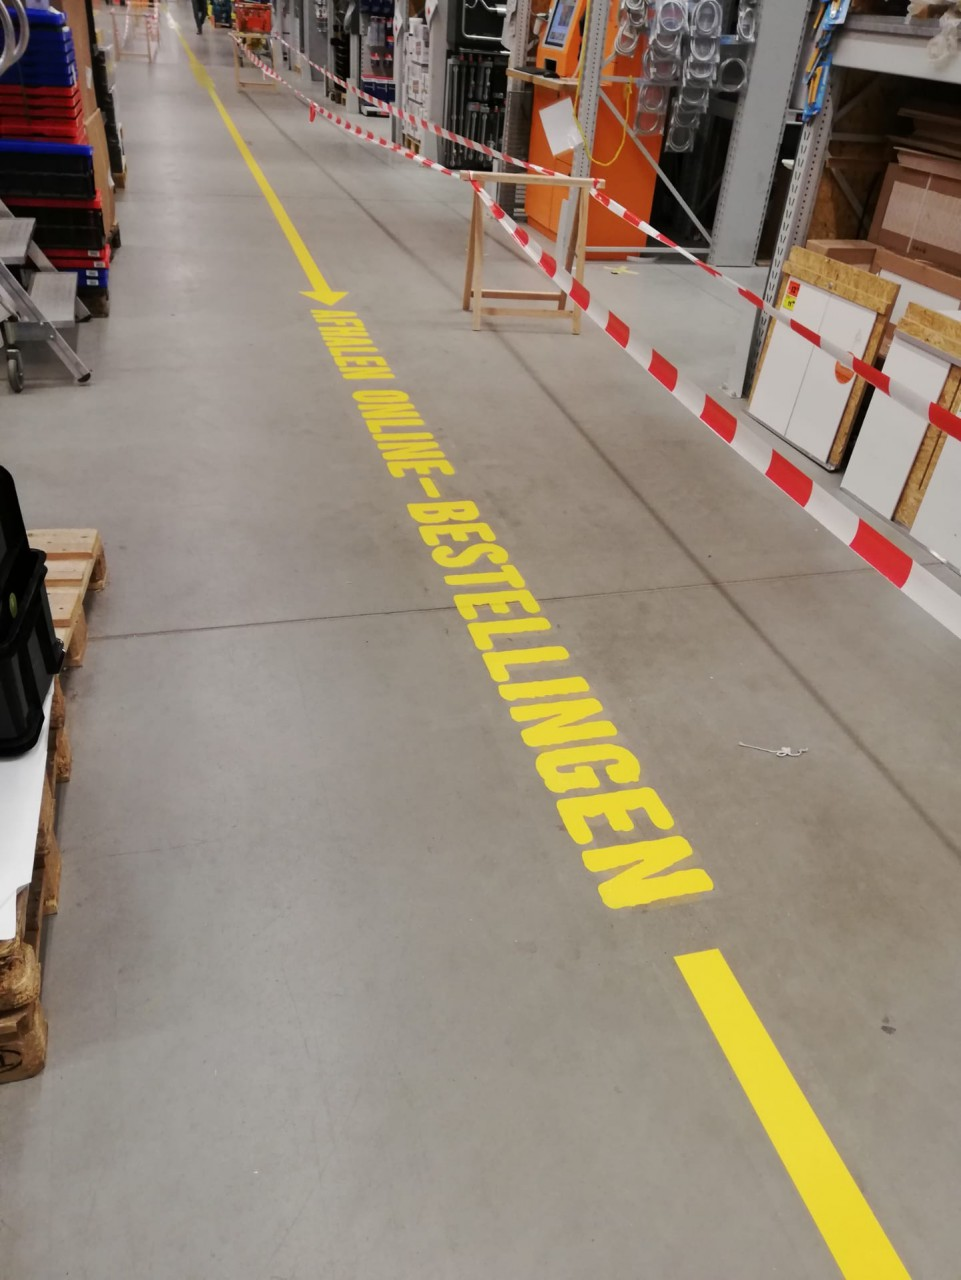 bewegwijzering belijning vloer winkel maastricht limburg heerlen kerkrade maastricht